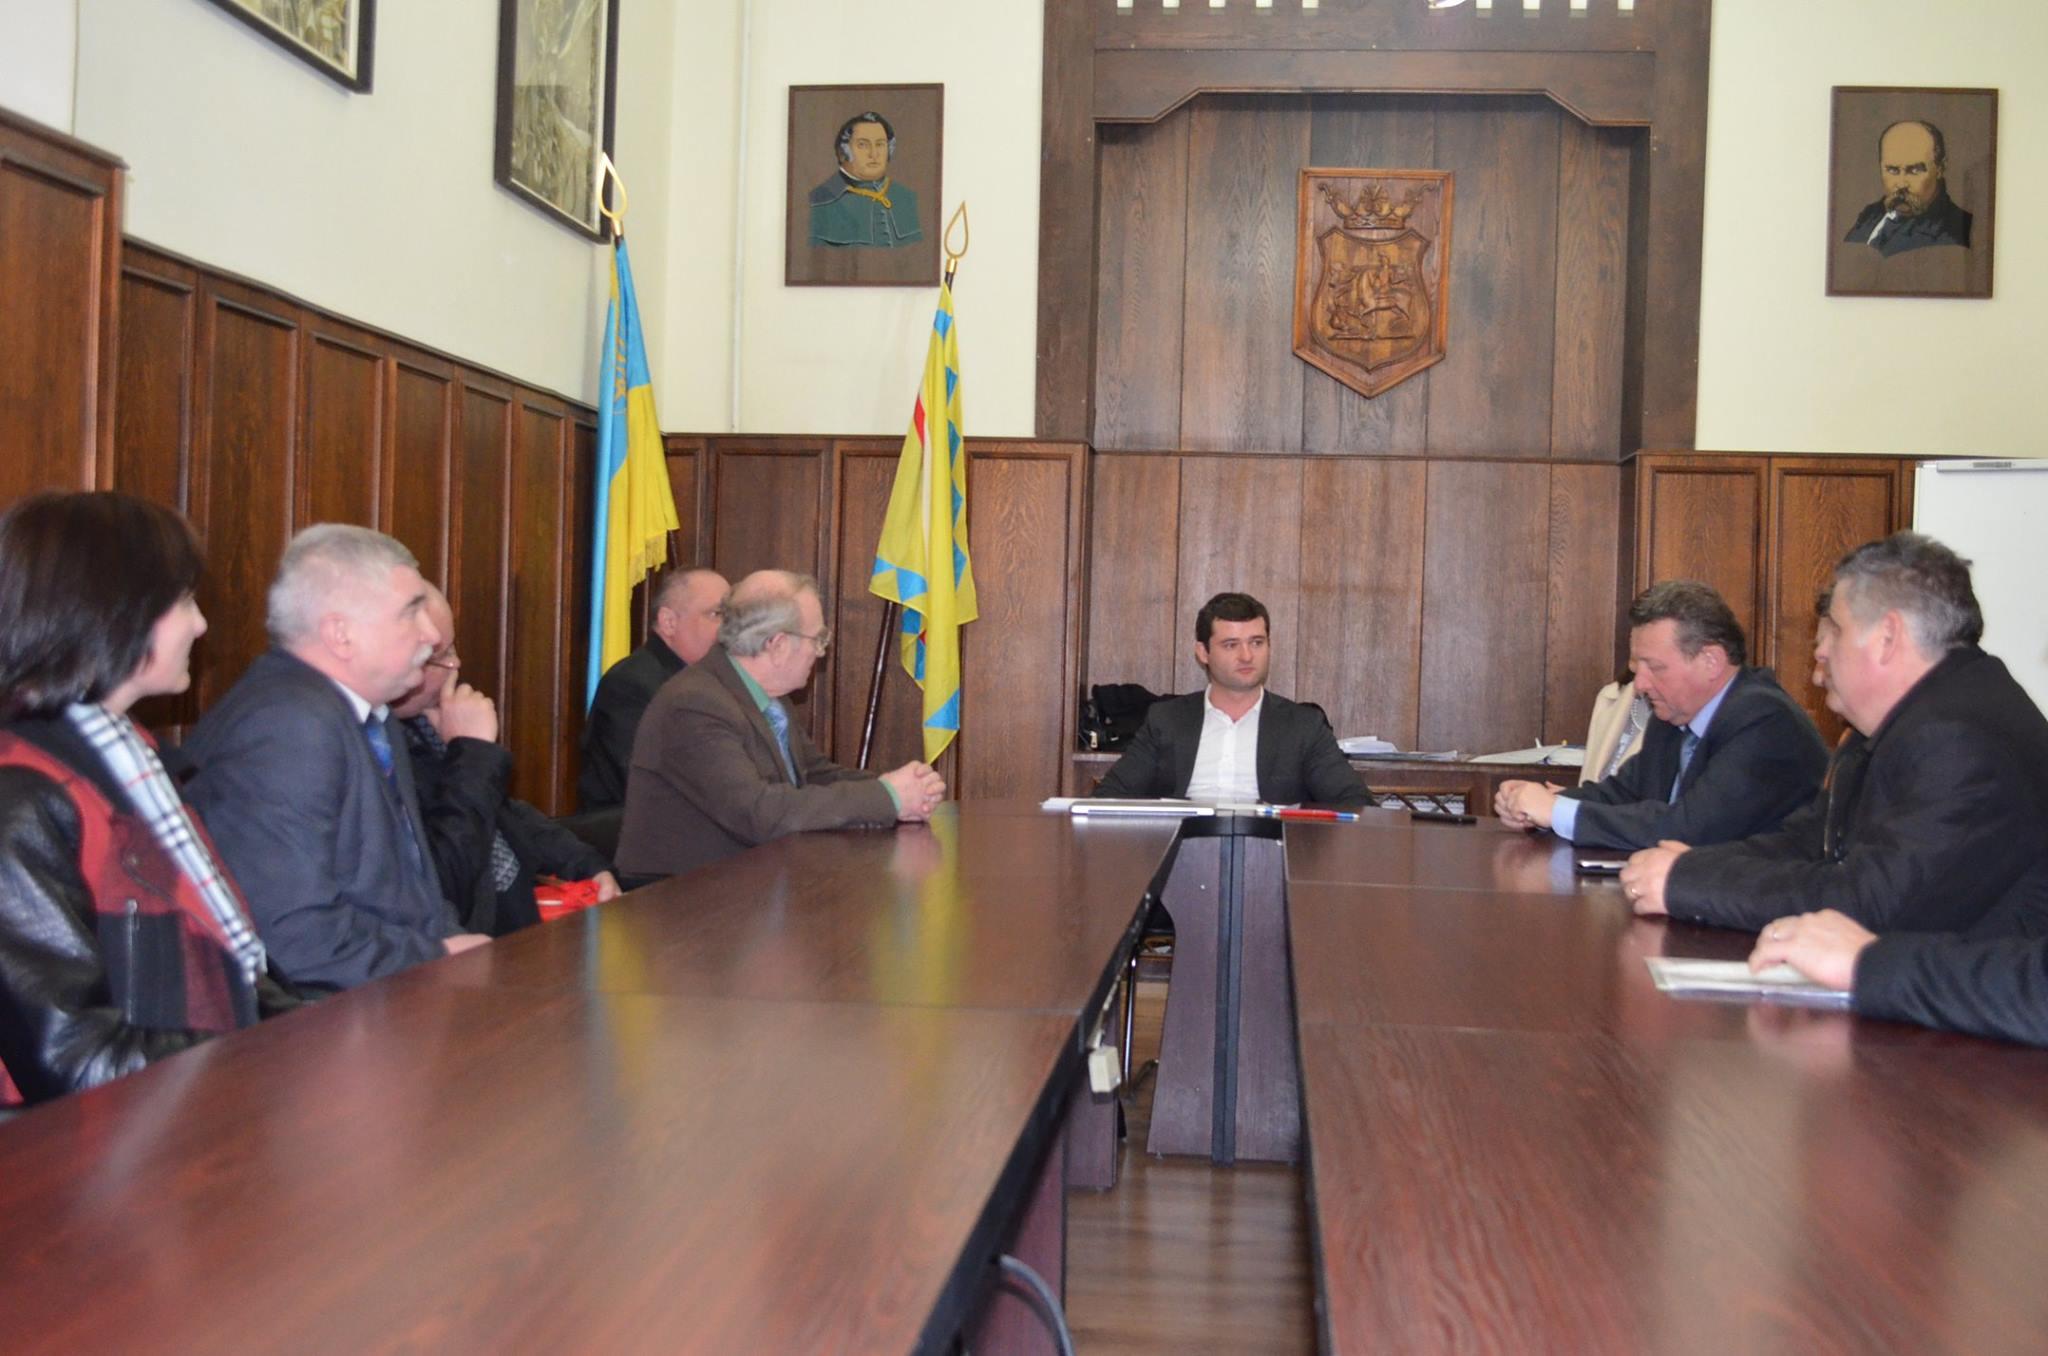 Балога не хоче фінансувати ПТНЗ Мукачева. Погодився тільки на матеріальну допомогу